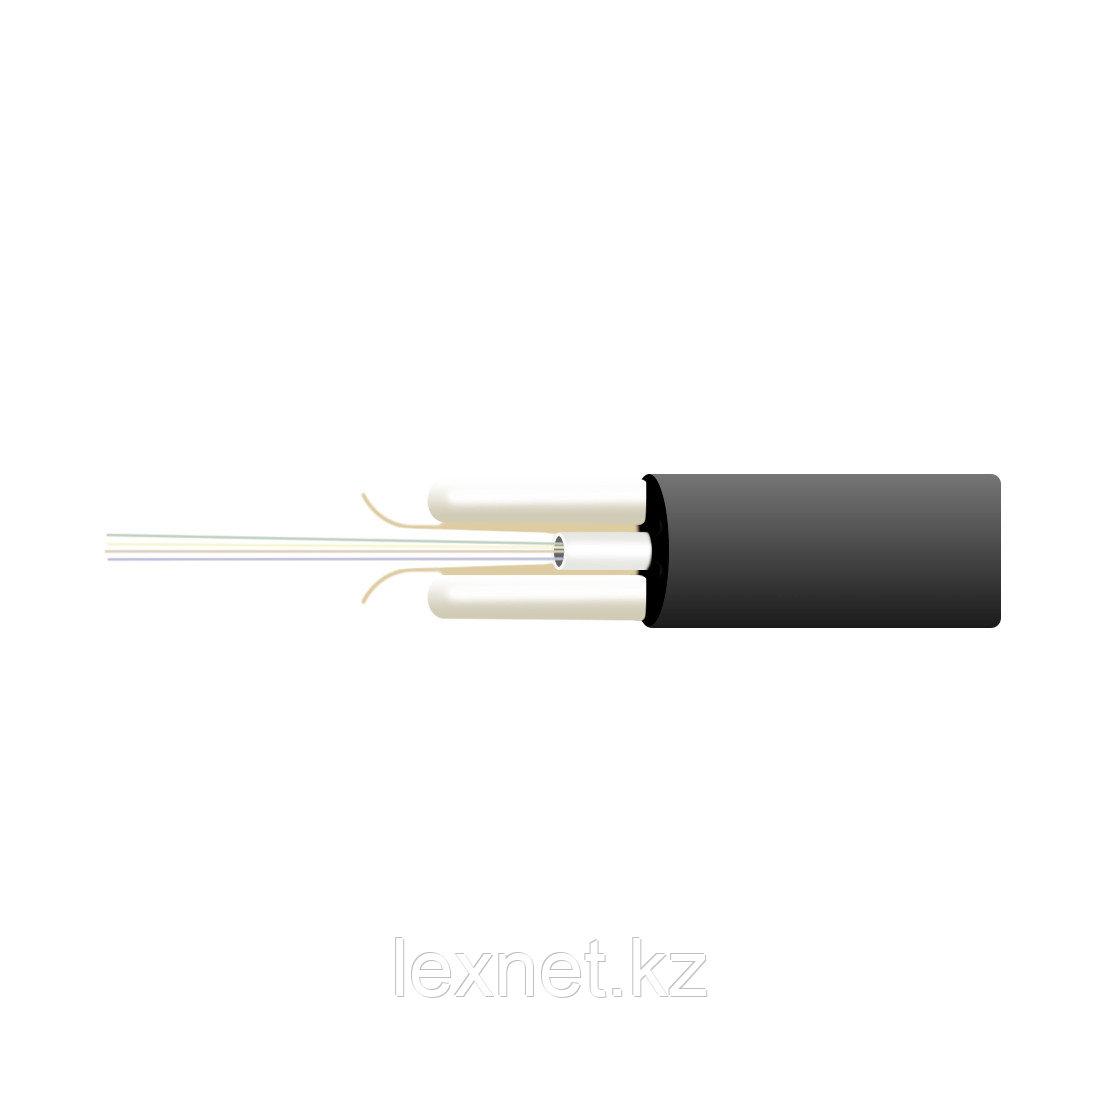 Кабель оптоволоконный ОКПК-0,22-4(G.652D) 1,4кН